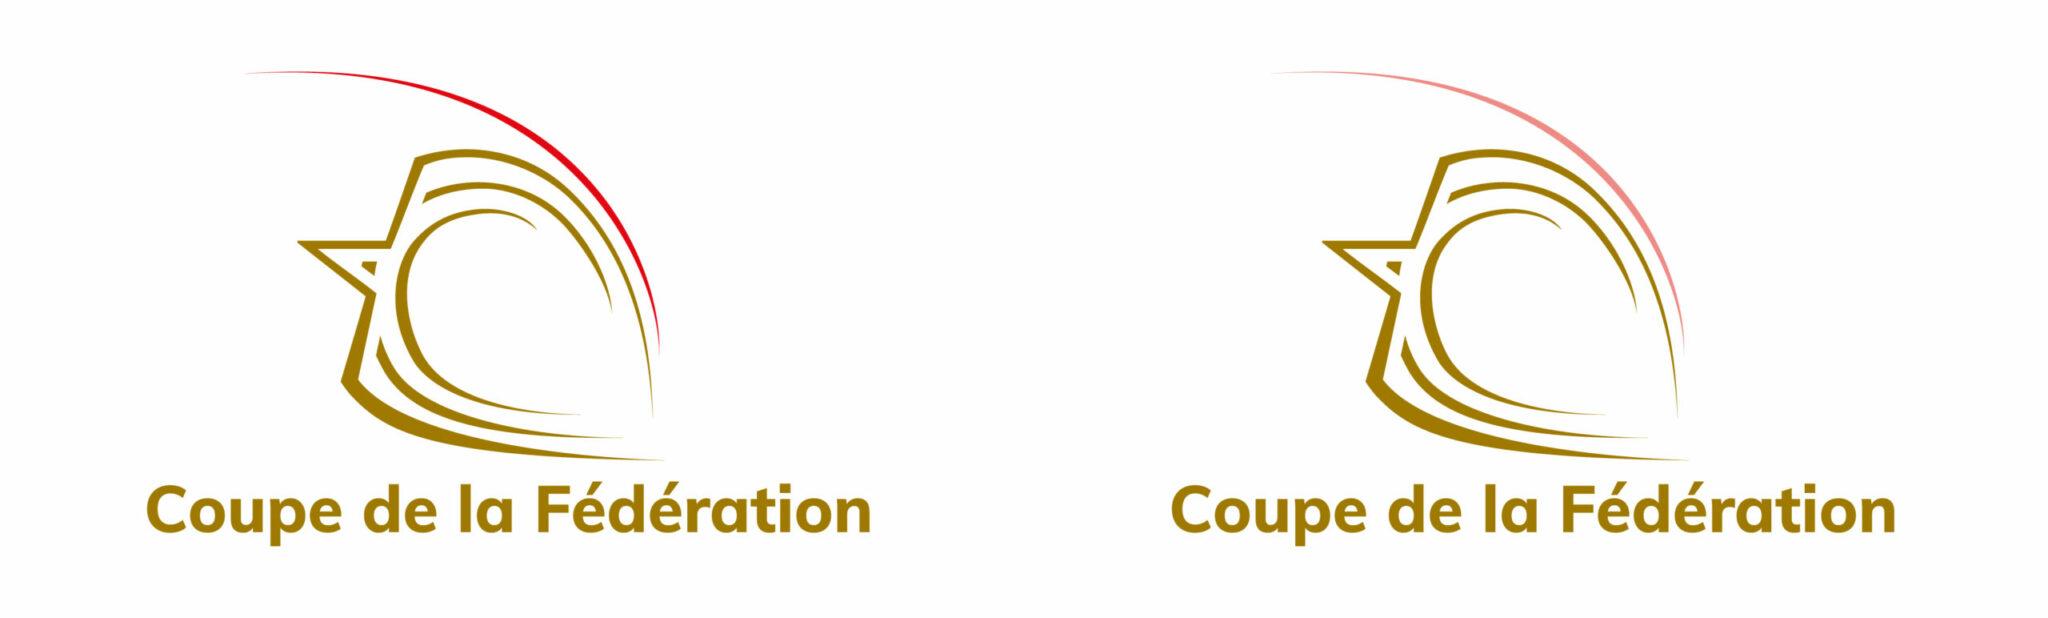 Déclinaison du logo Open de France pour la Coupe de la Fédération.